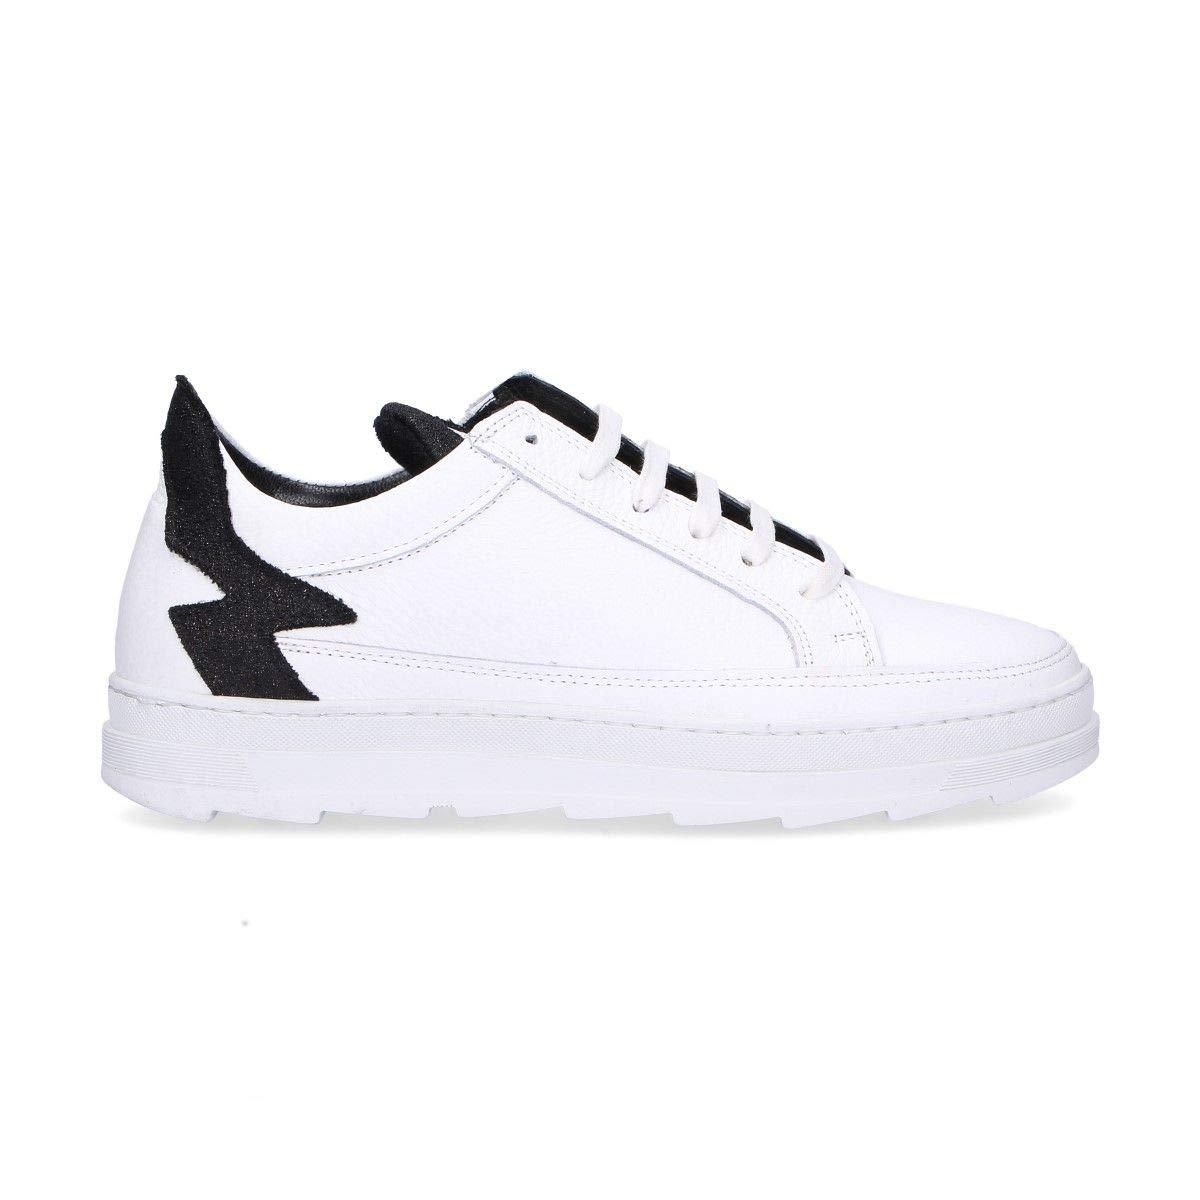 Nike Air Max 90 Winter PRM 943747200, Turnschuhe